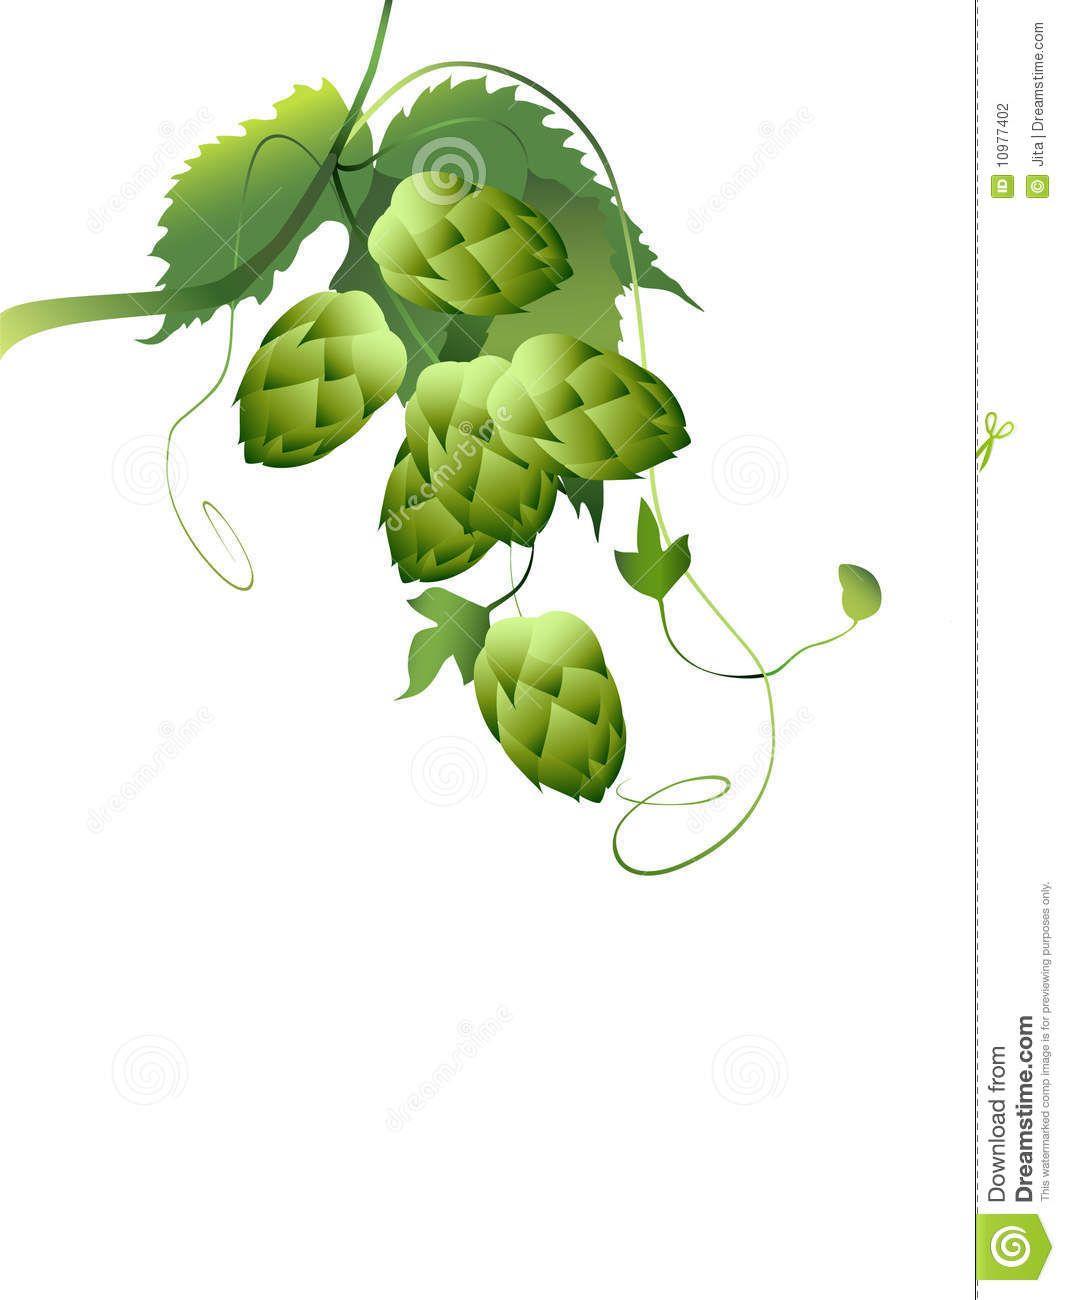 Hop vine illustration